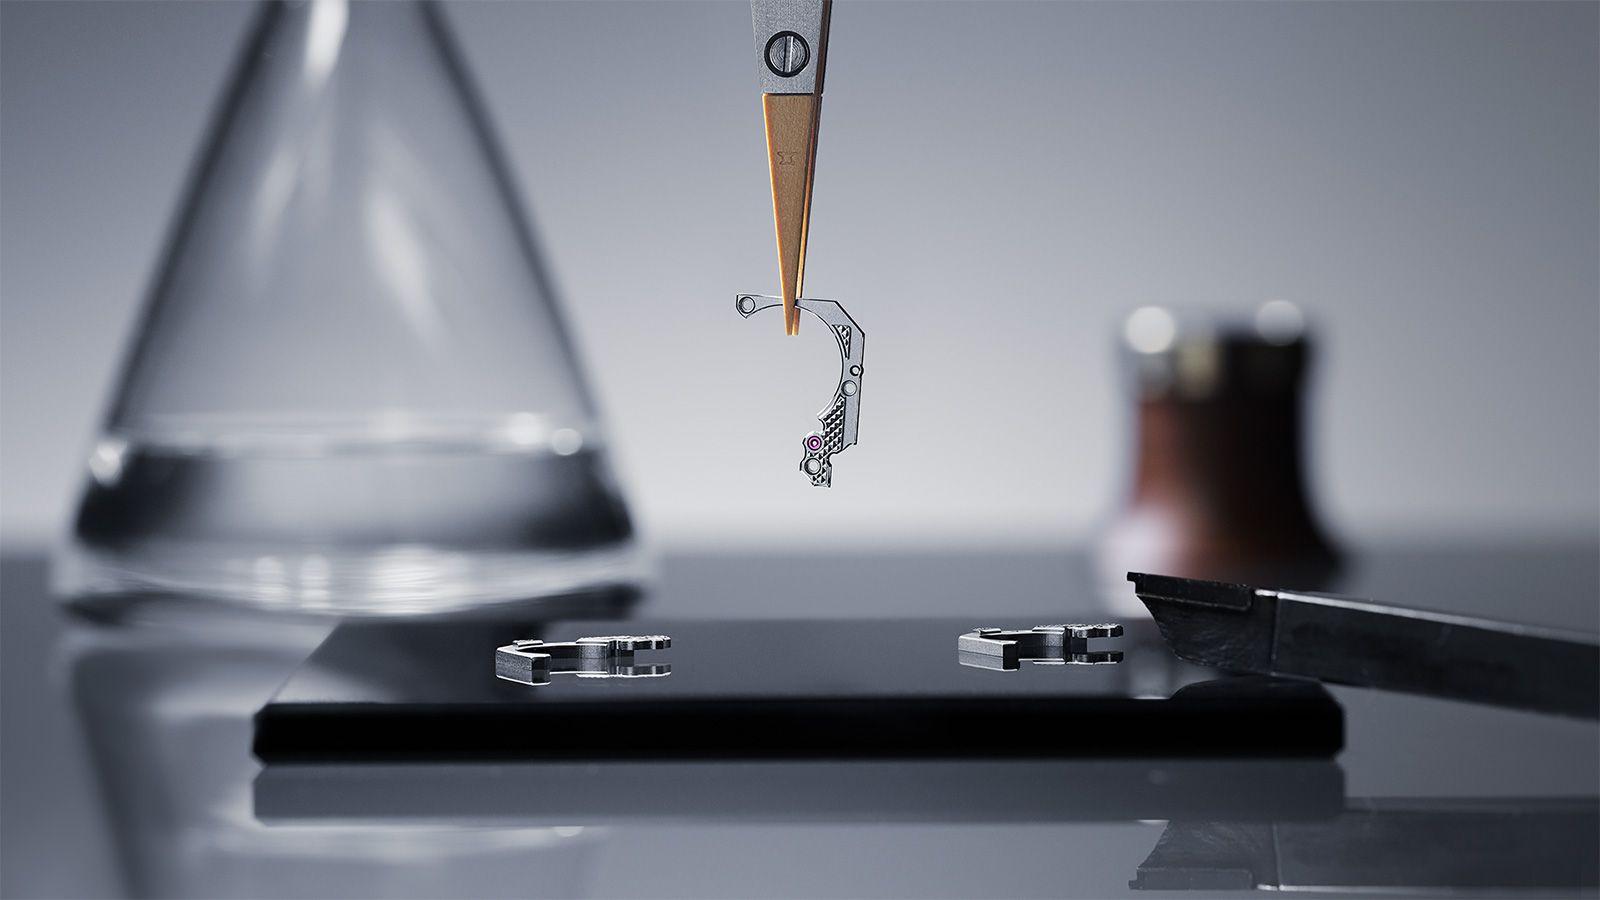 jaeger-lecoultre-reverso-hybris-mechanica-calibre-185-quadriptyque-04